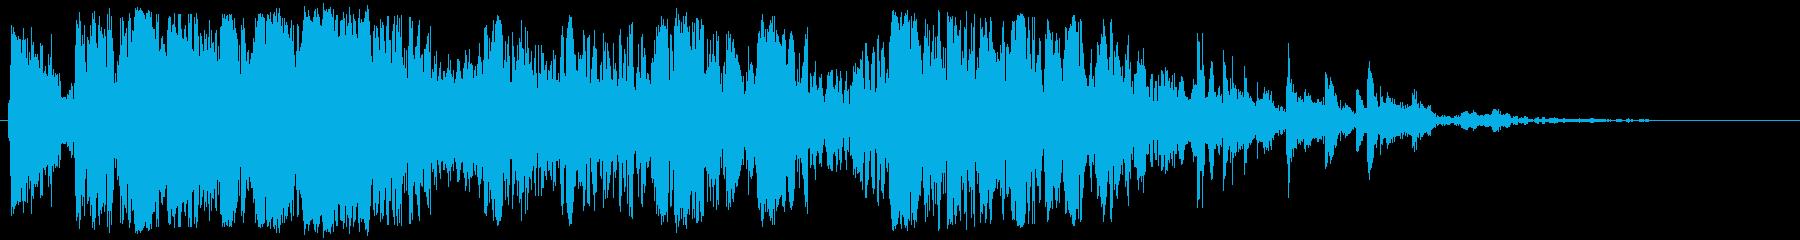 ビッグメタルとジャンククラッシュメ...の再生済みの波形